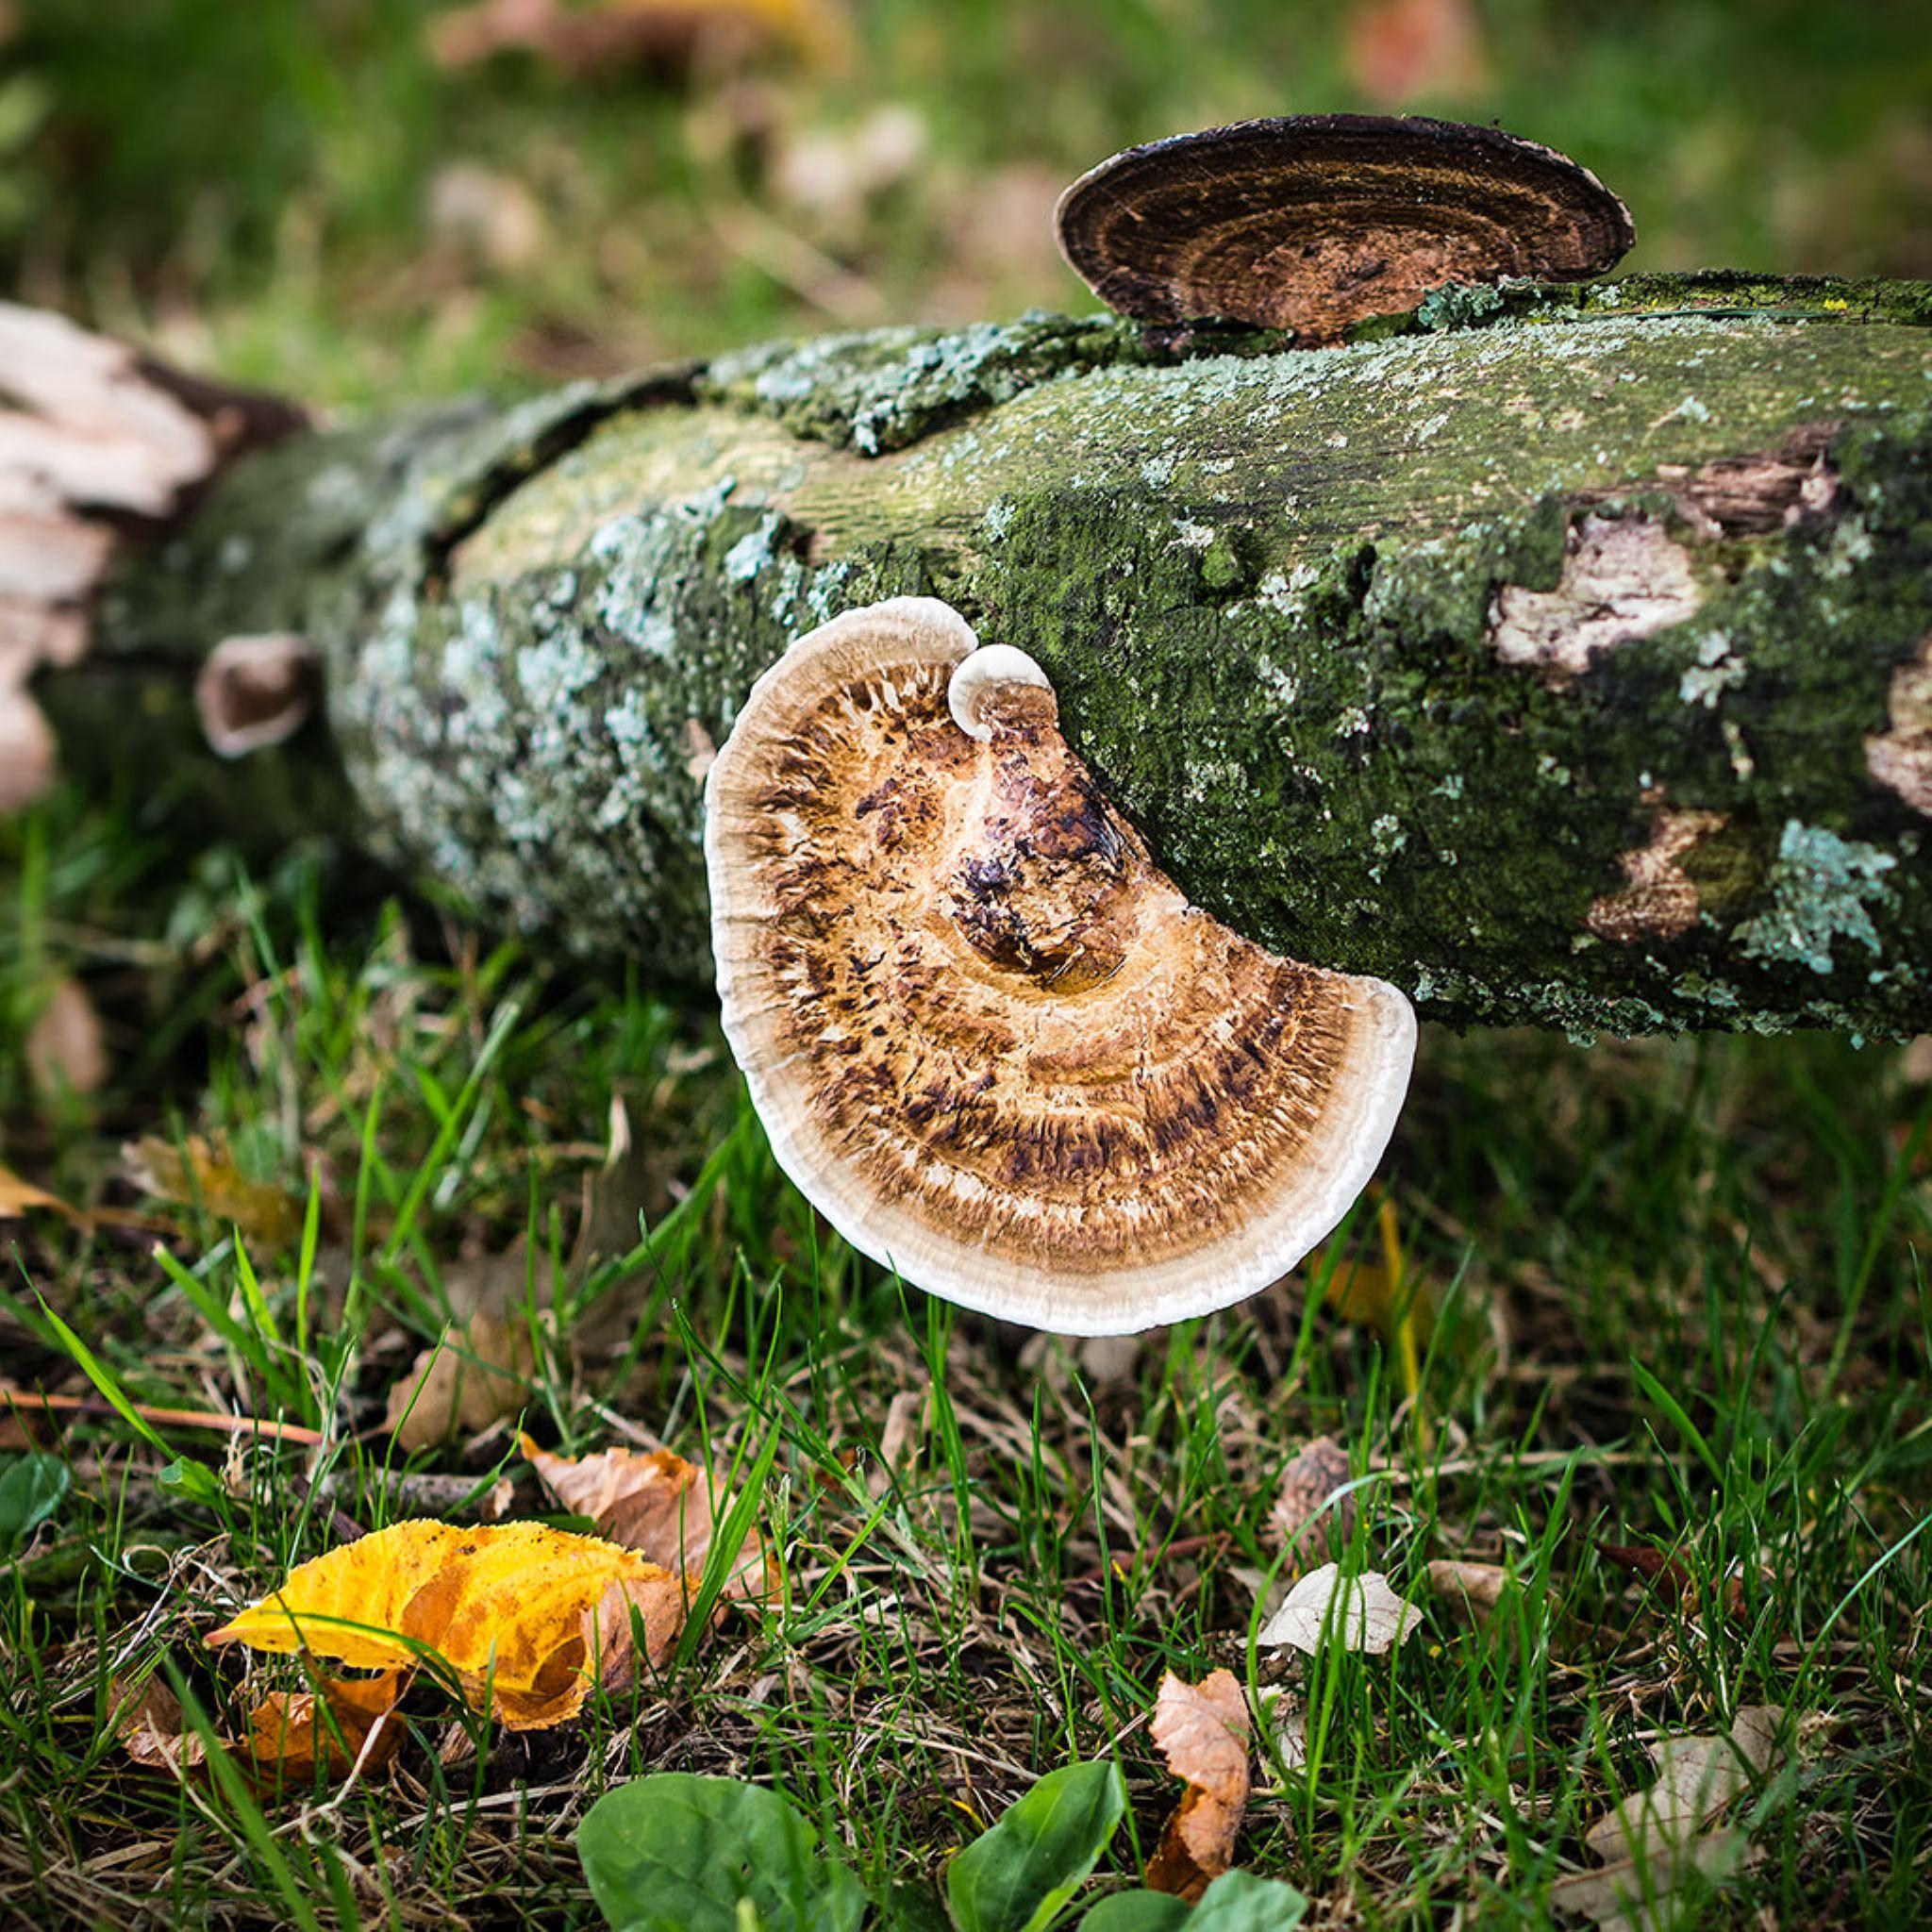 Bracket fungi by DavidNorfolk